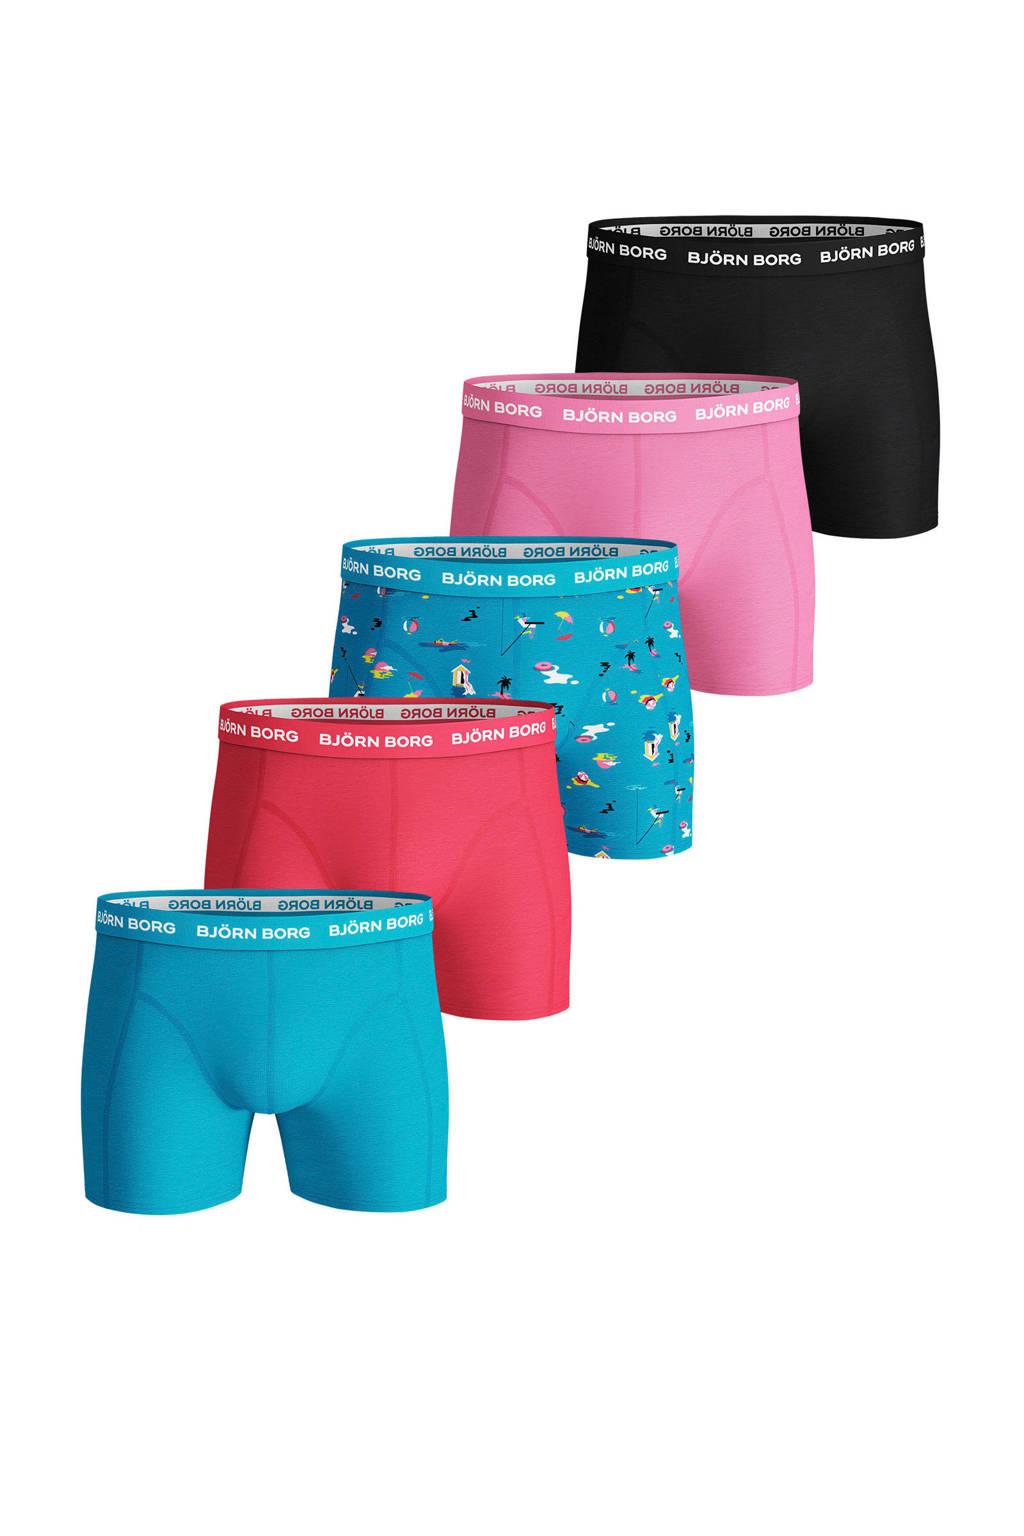 Björn Borg boxershort (set van 5), Blauw/roze/zwart